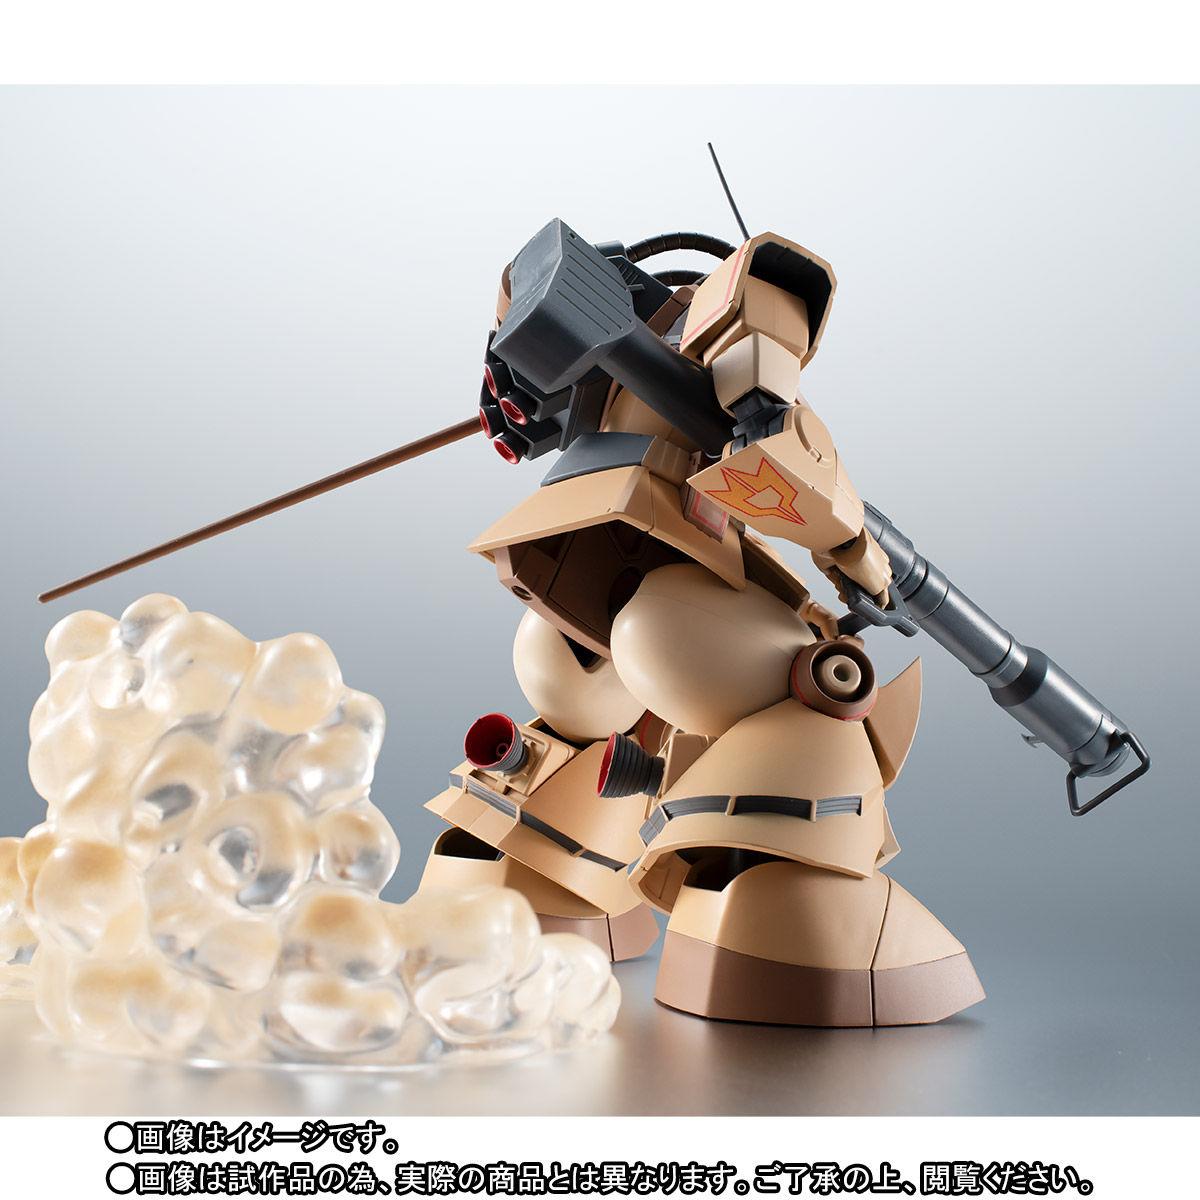 ROBOT魂〈SIDE MS〉『YMS-09D ドム・トロピカルテストタイプ ver. A.N.I.M.E.』ガンダムMSV 可動フィギュア-007